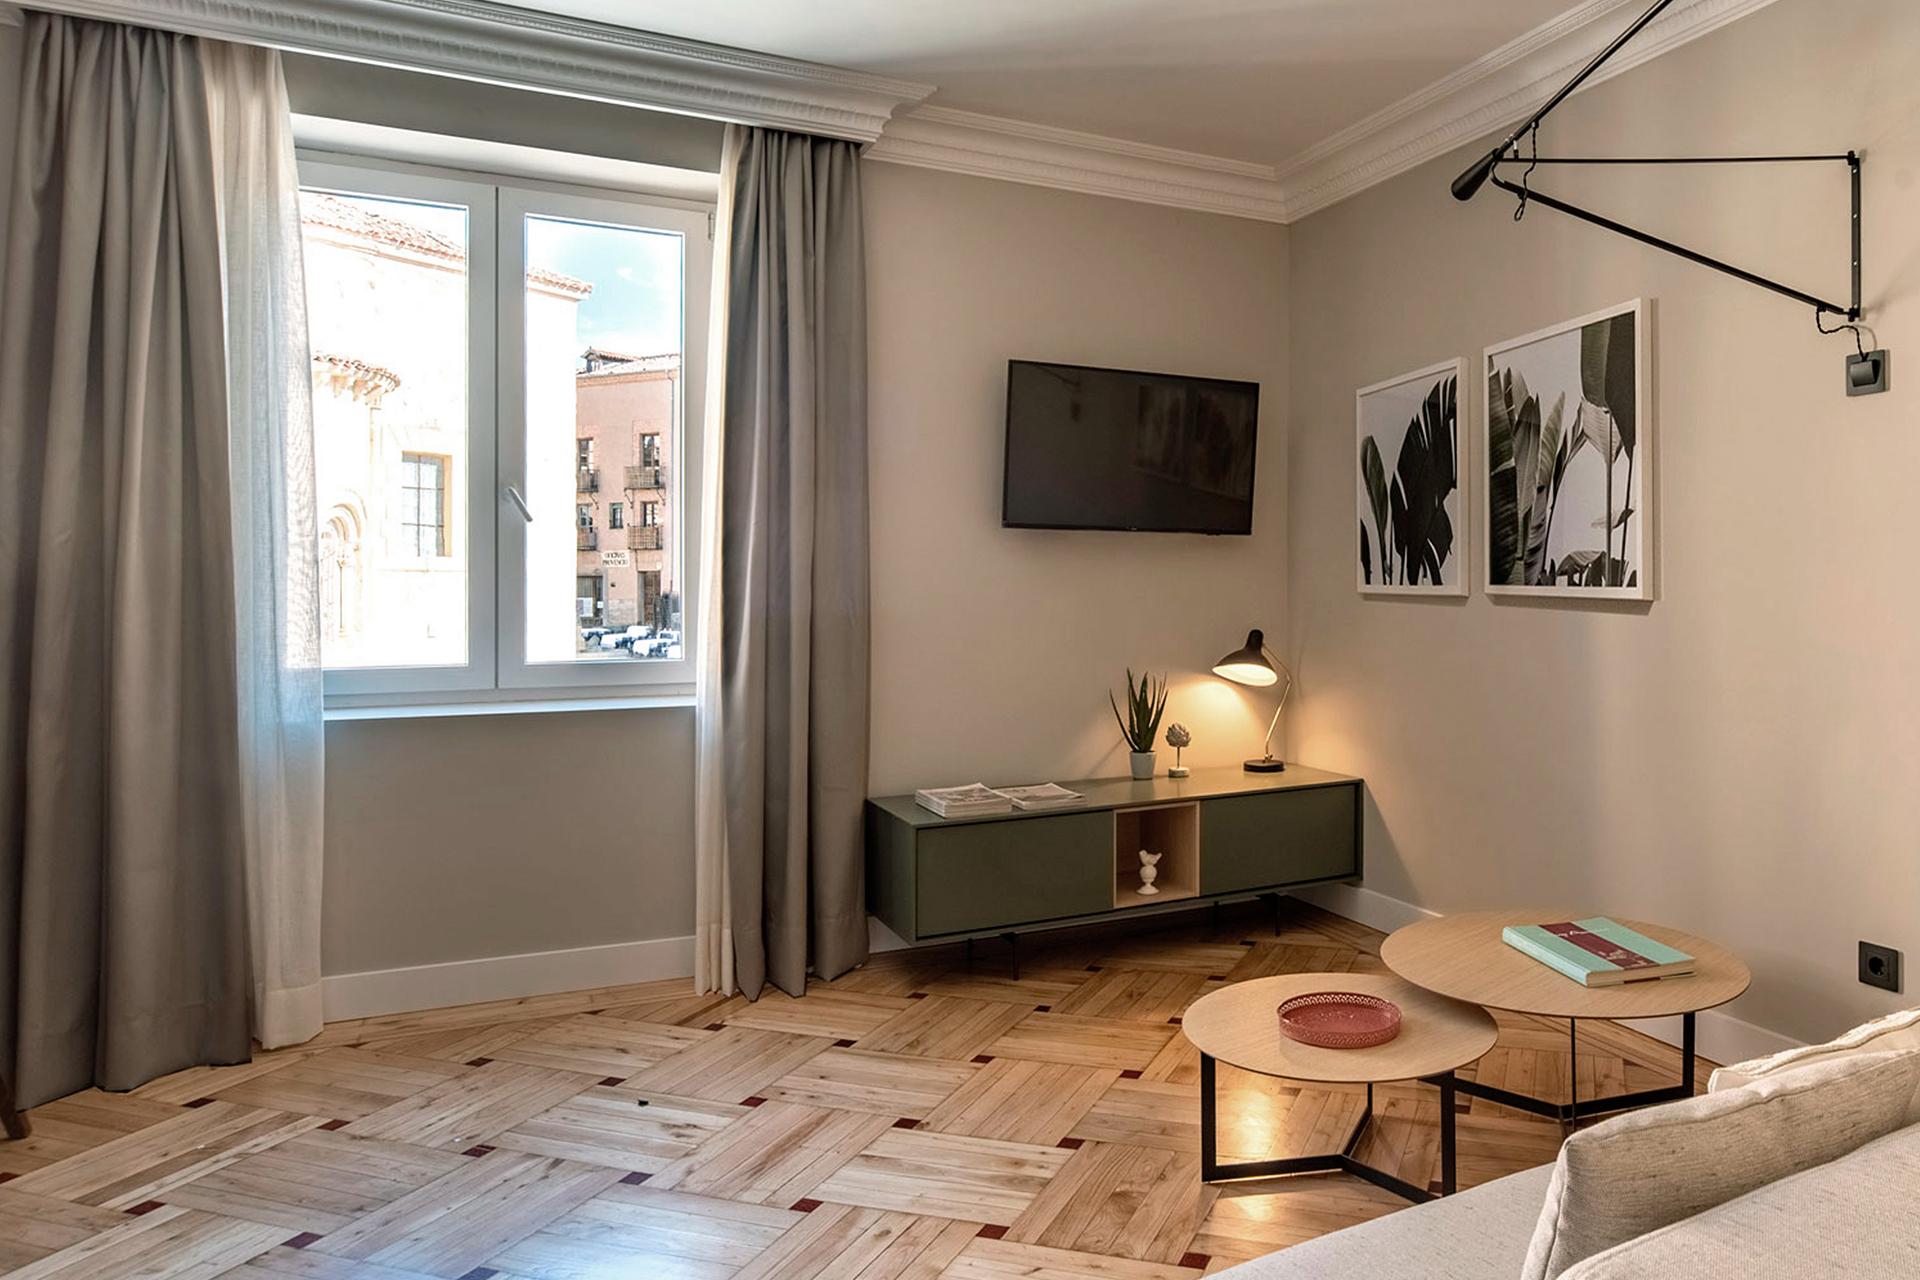 Cozinhas Santos em apartamentos turísticos, pela designer Ana Montarelo